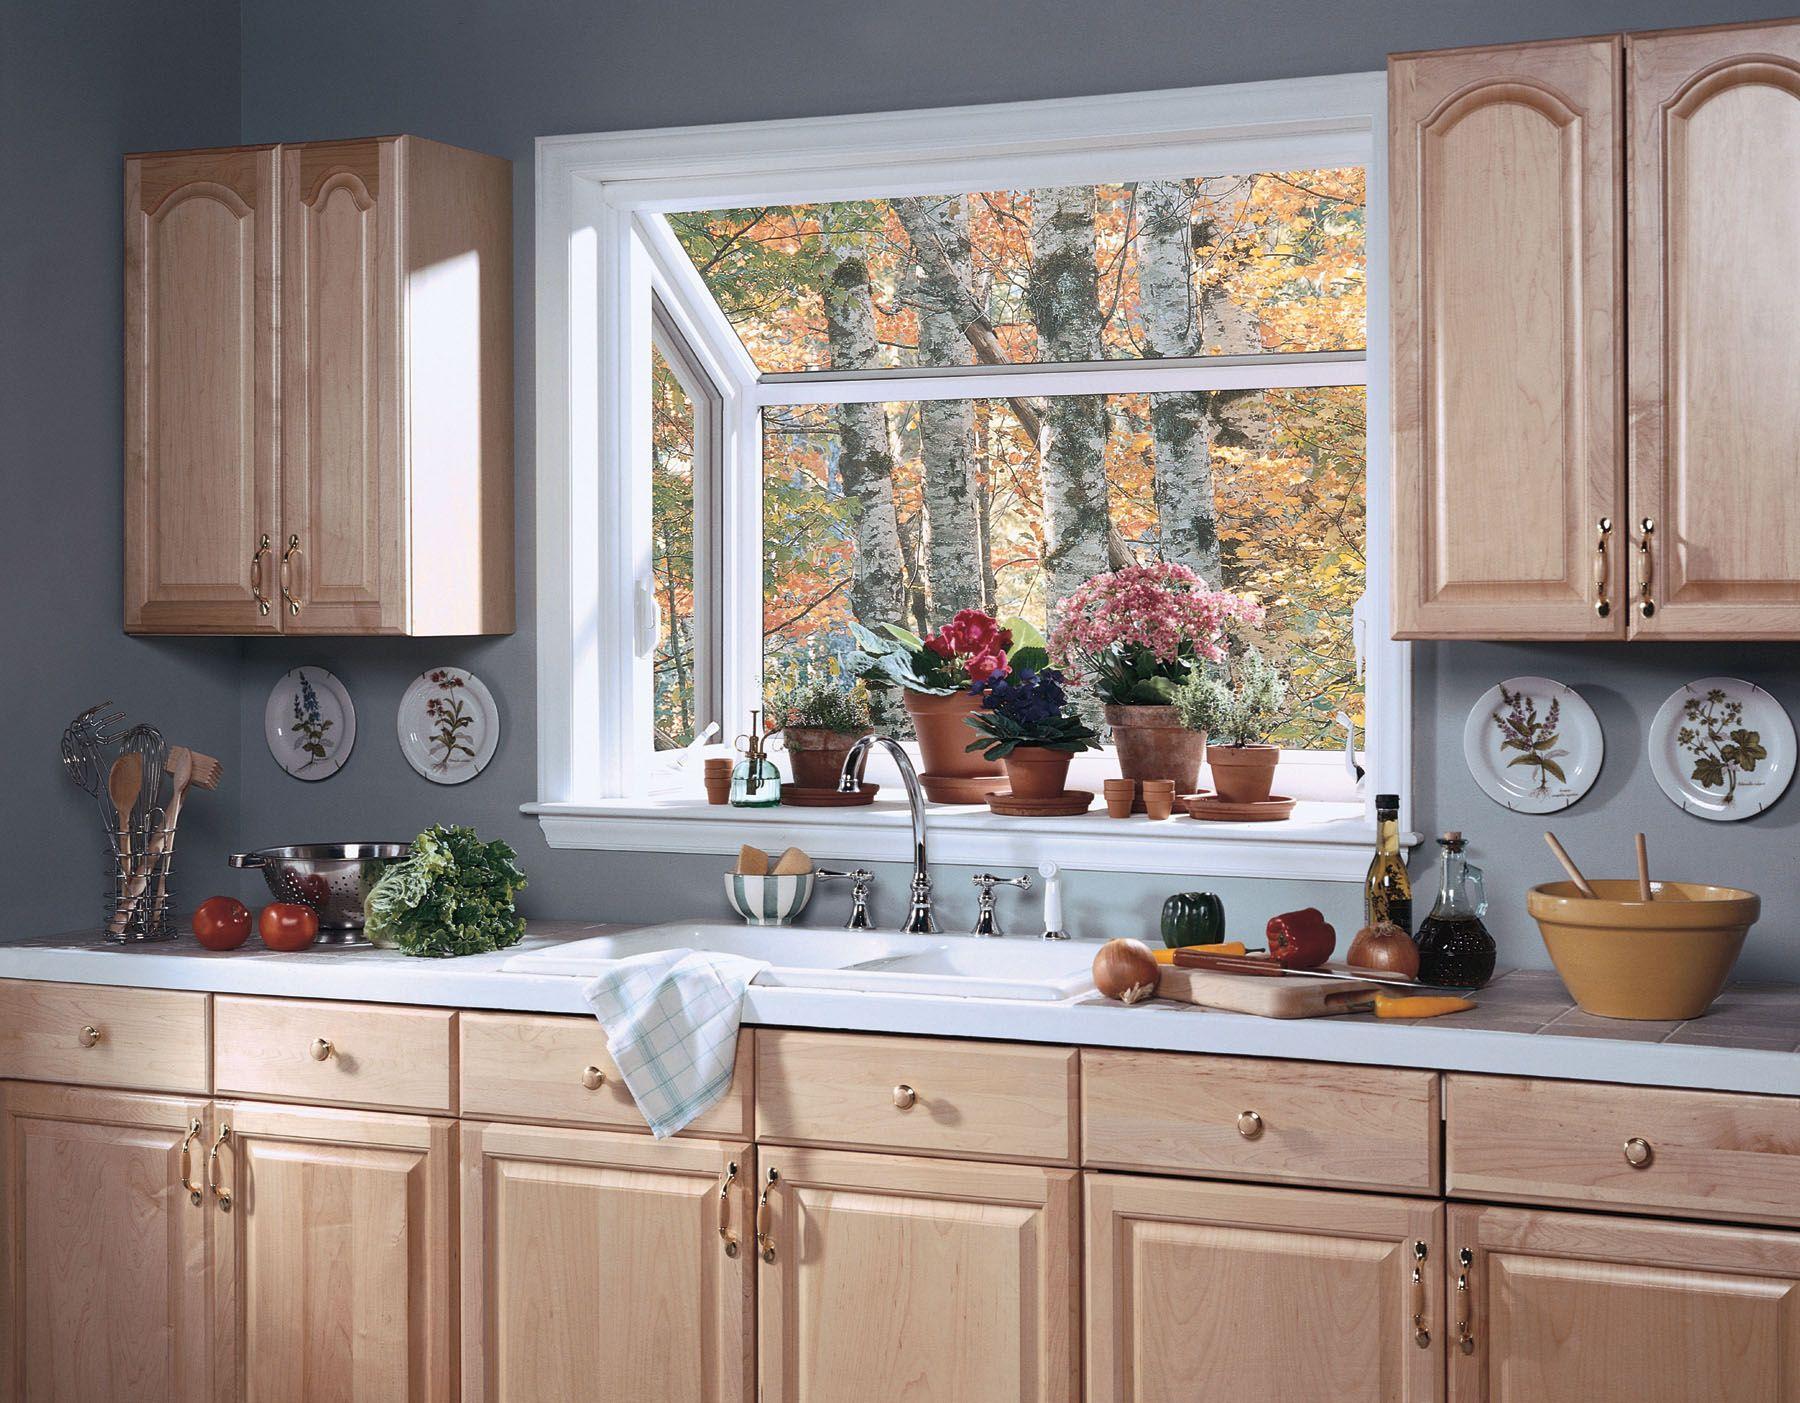 garden windows kitchen window ideas Upgrade the kitchen sink window with a garden greehouse window